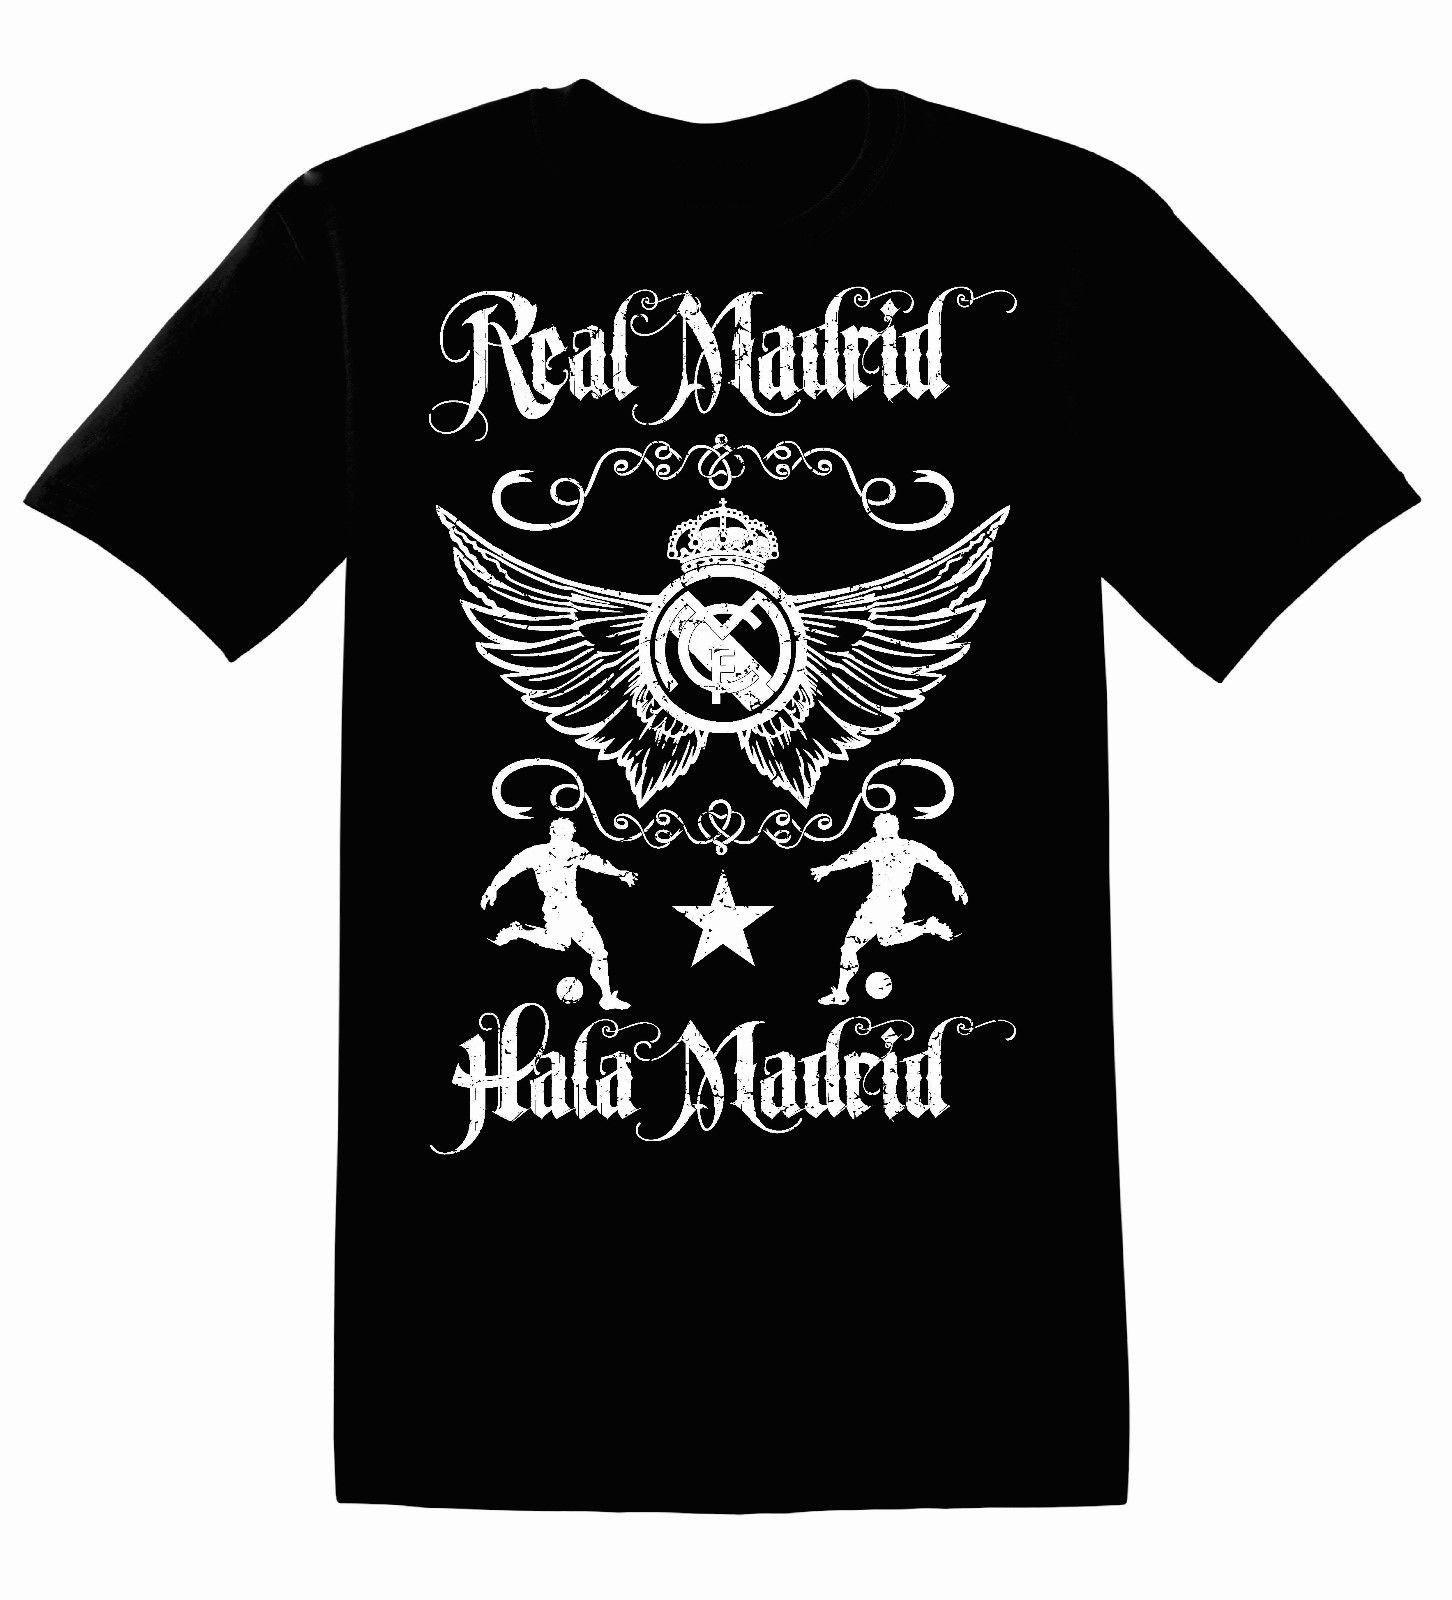 c245c1eeb actual size. prev next. Real Madrid De Espana Spain Futbol Soccer Mens  T-Shirt ...